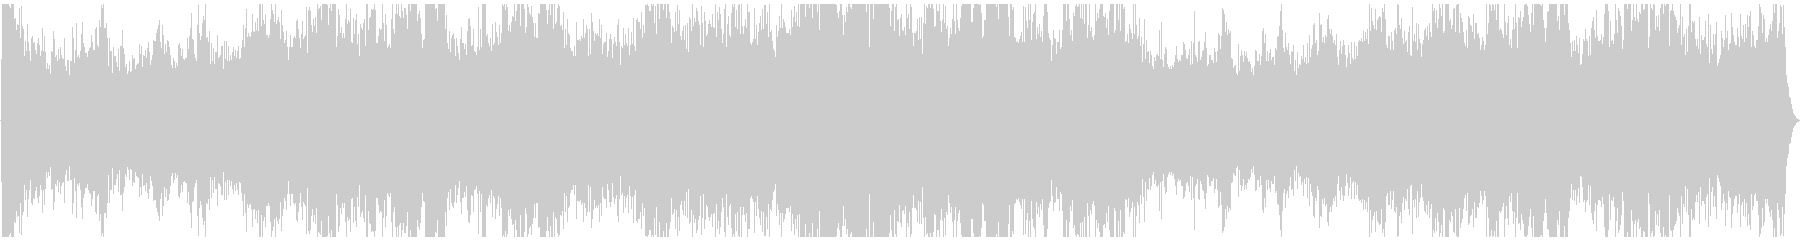 ドローン コントラブローンチューブ01の未再生の波形